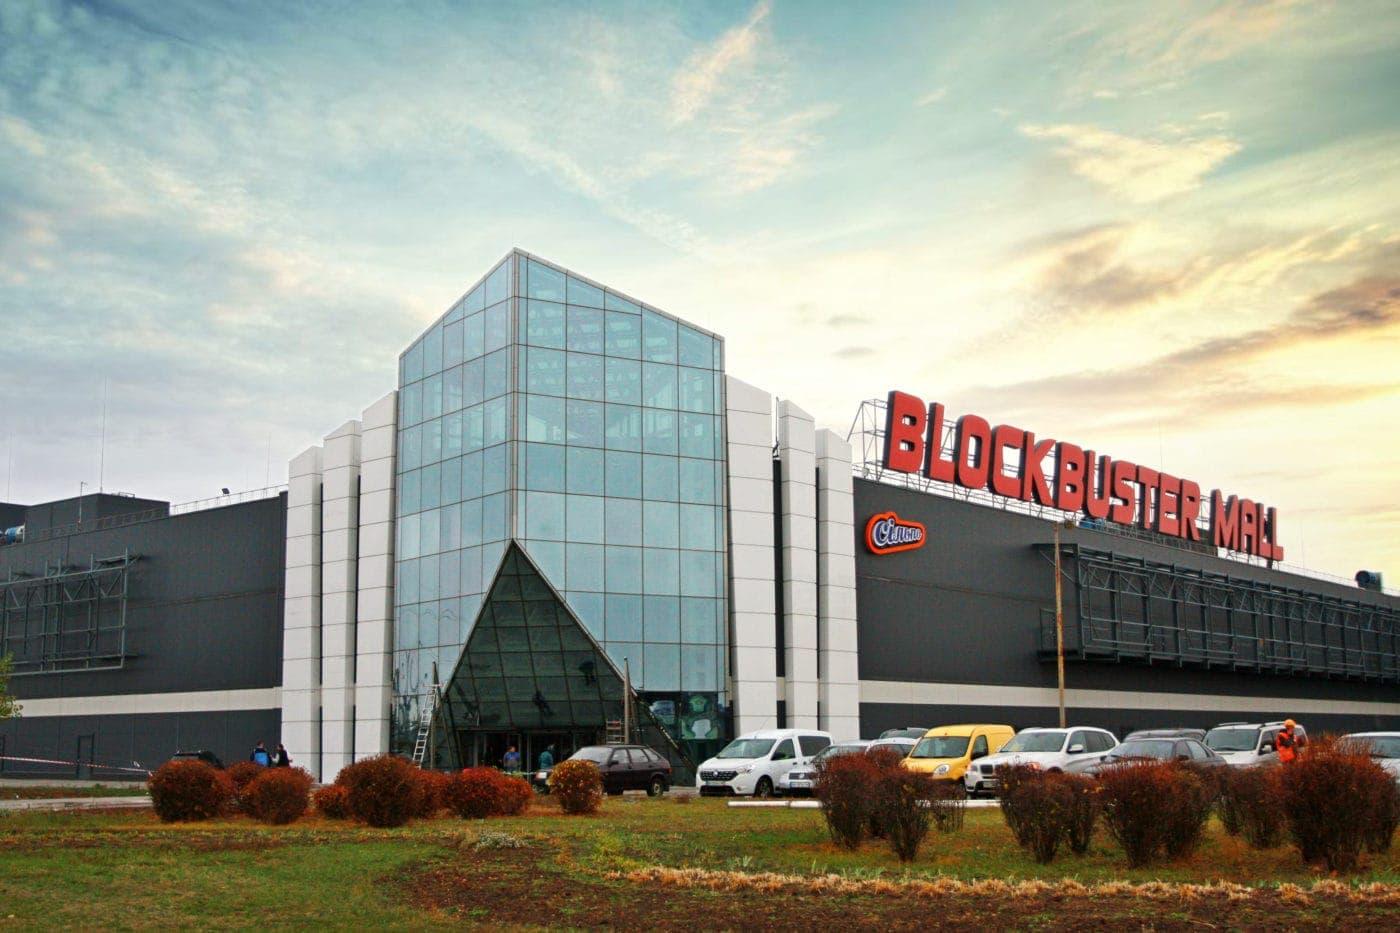 Найбільший торгово-розважальний центр країни Blockbuster Mall відкрився 20 листопада 2019 року